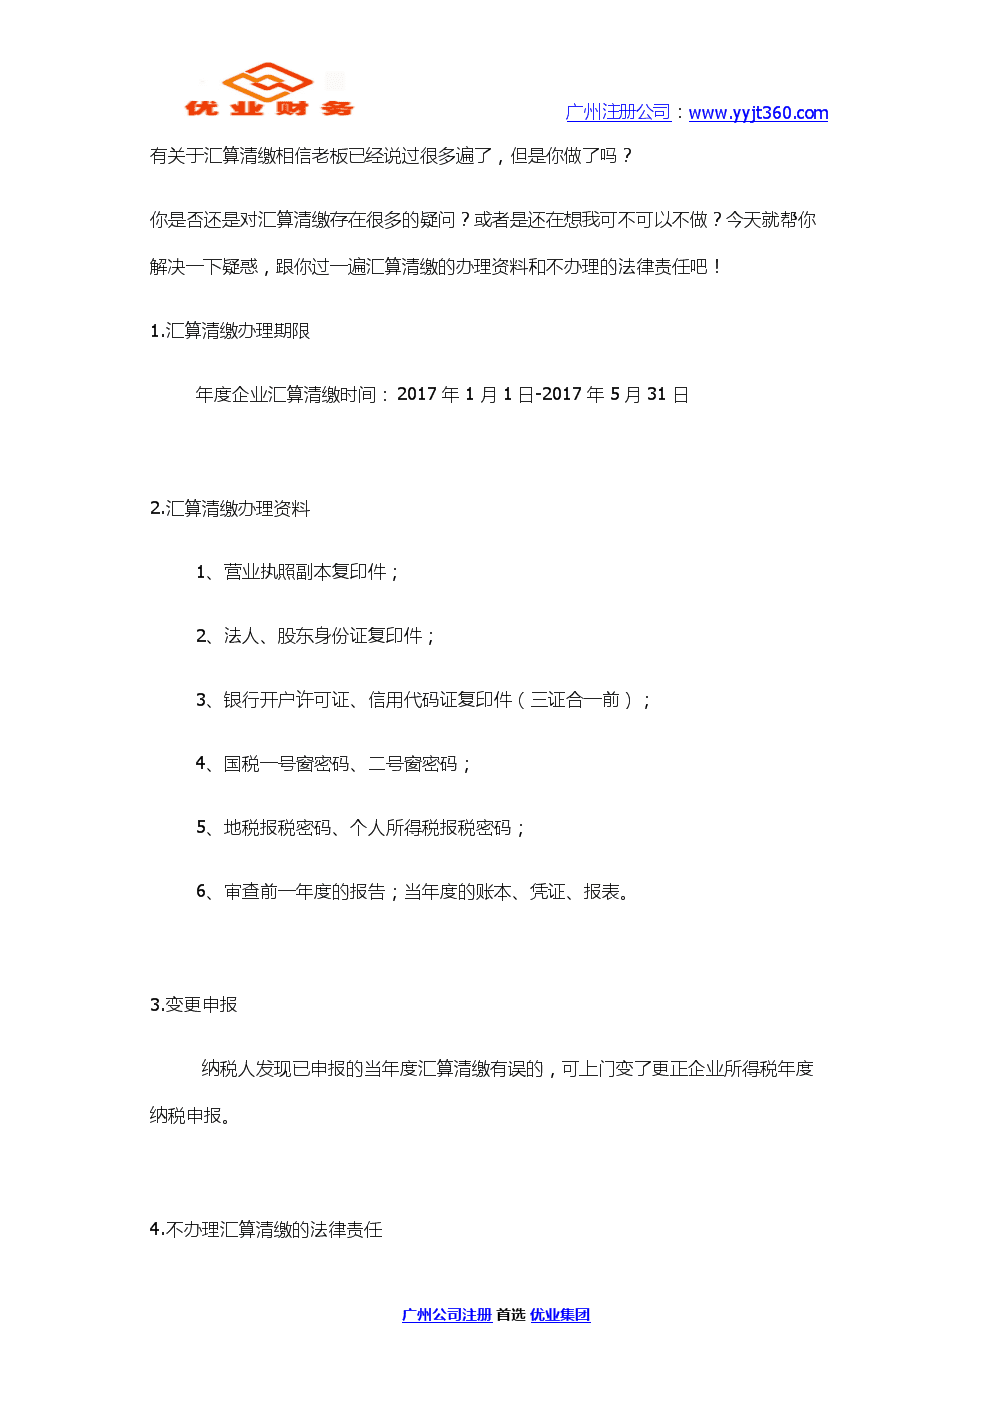 汇算清缴的注意事项 优业集团.docx